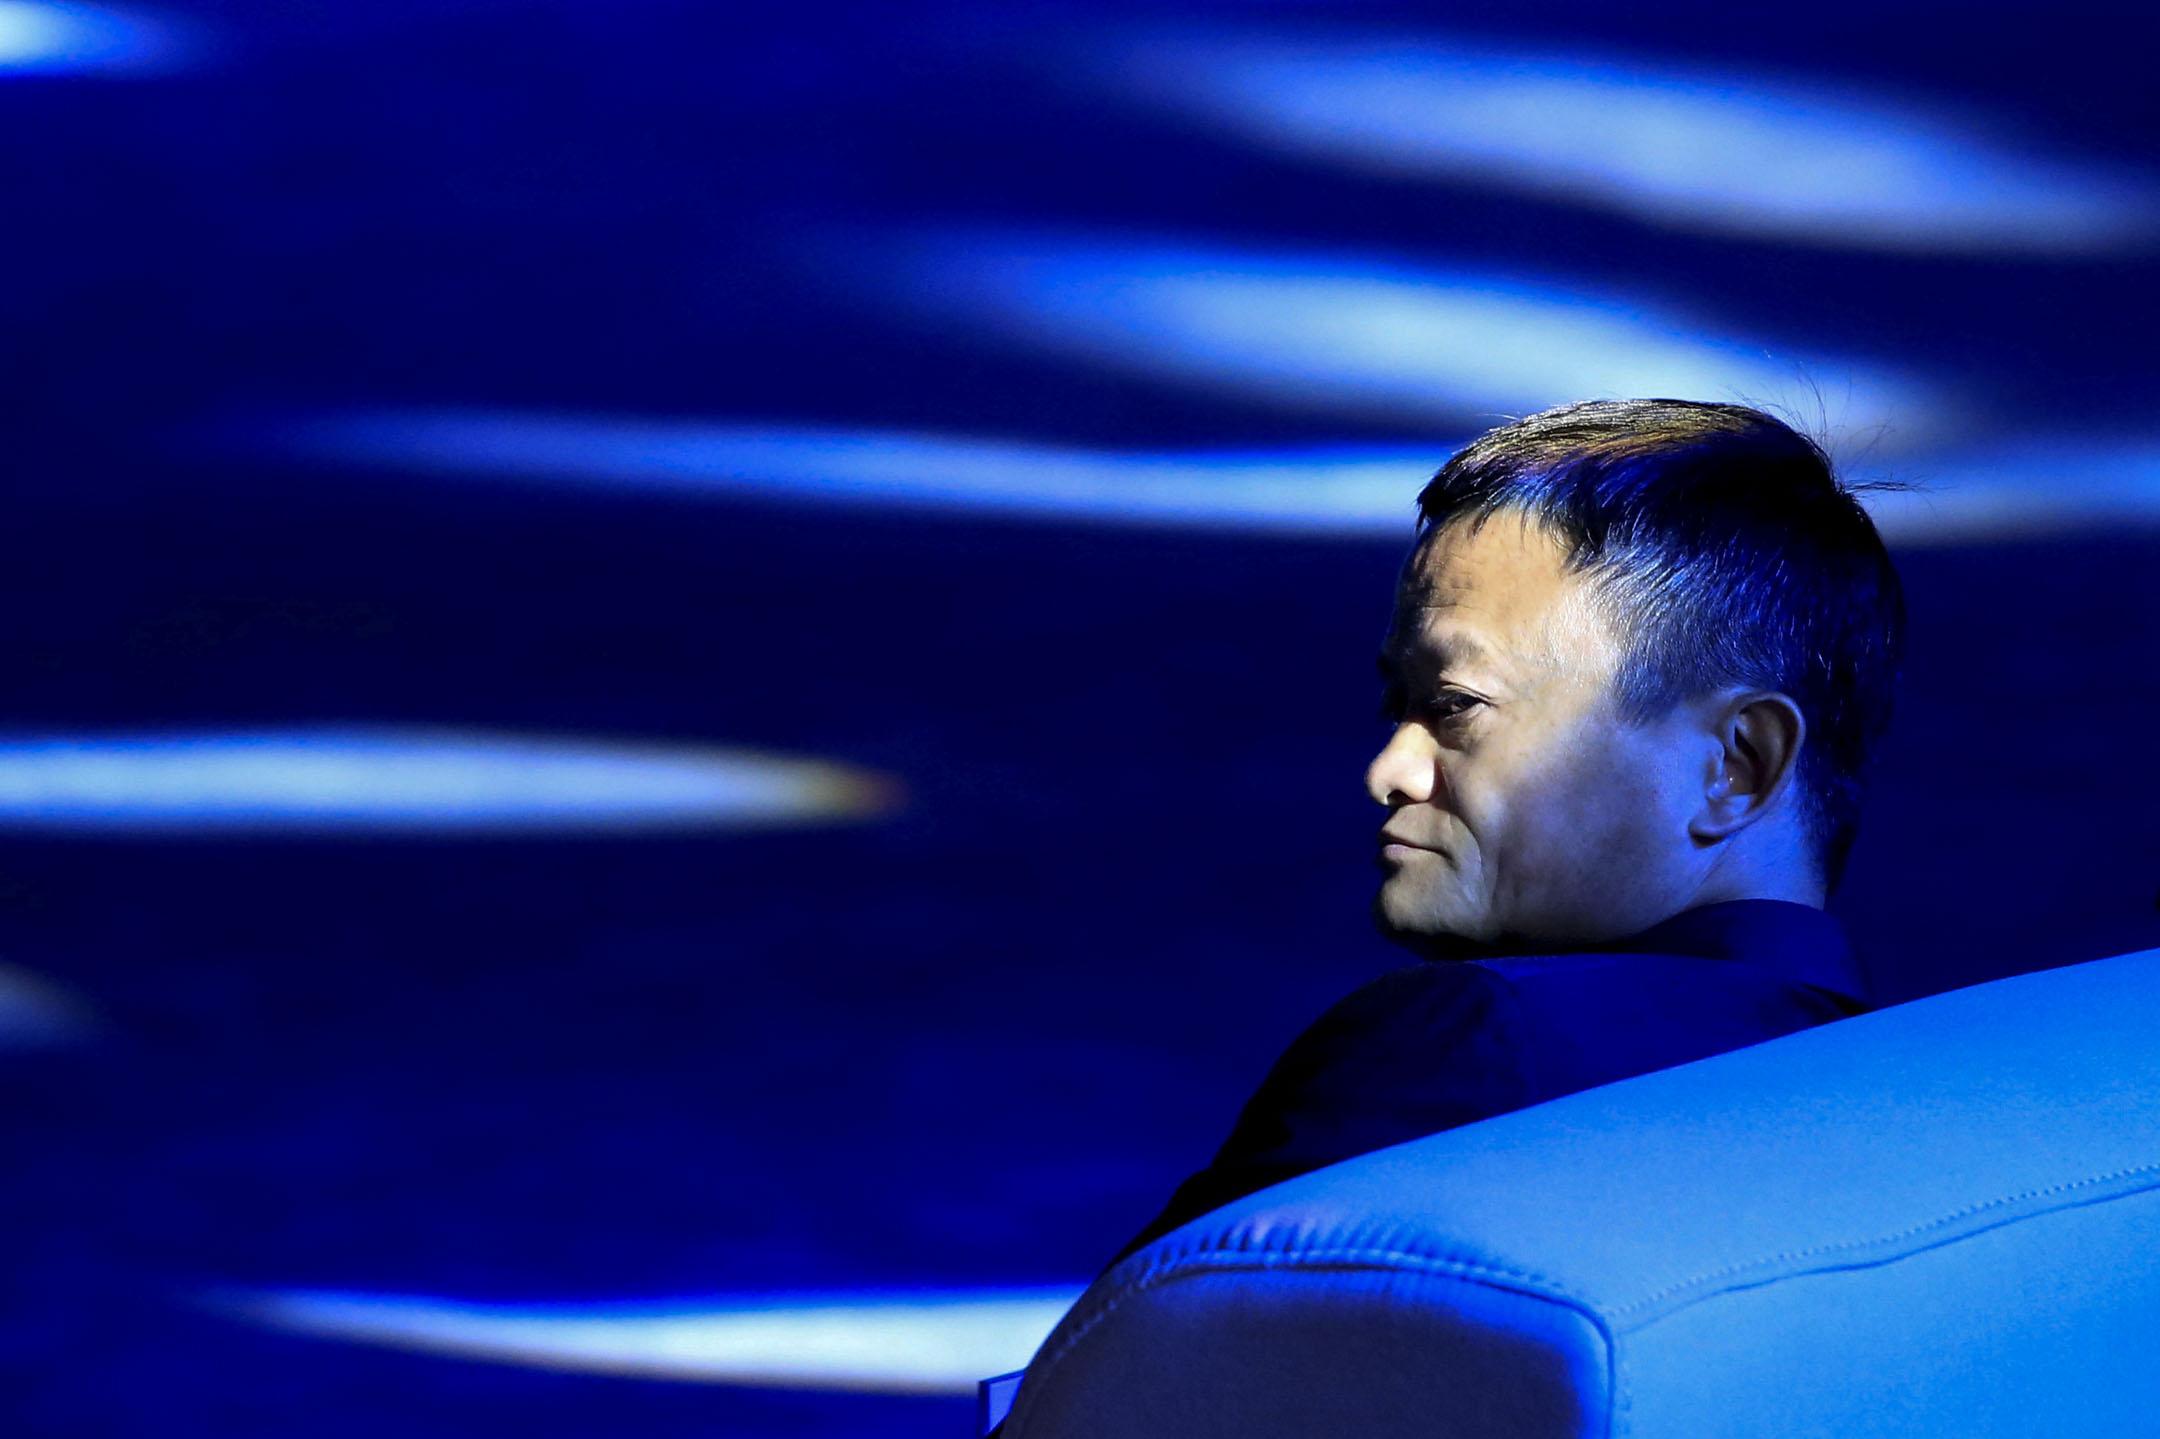 2018年9月17日,阿里巴巴集團創始人馬雲出席中國上海舉行的世界人工智能大會(WAIC)。 攝:Aly Song/Reuters/達志影像